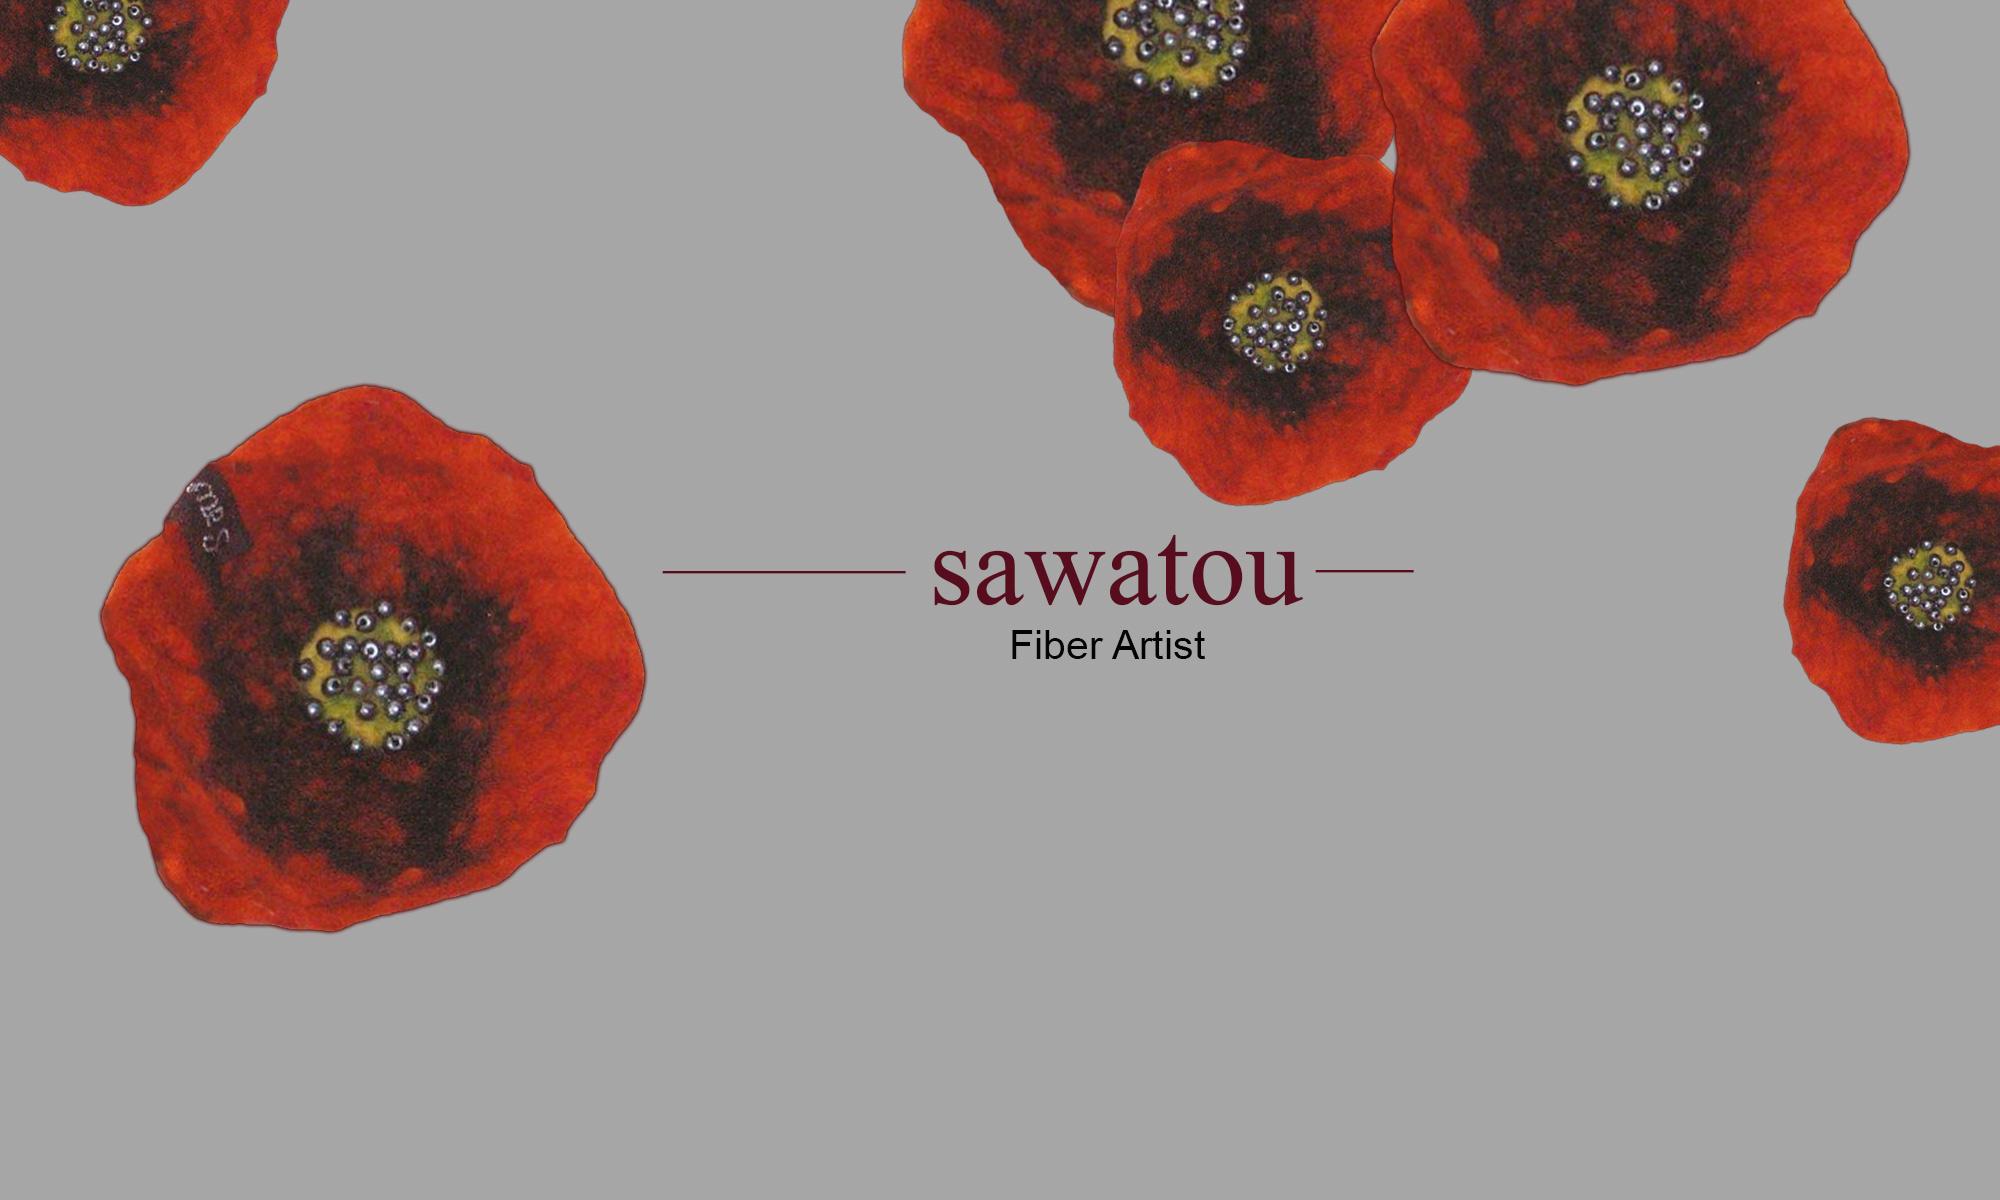 sawatou